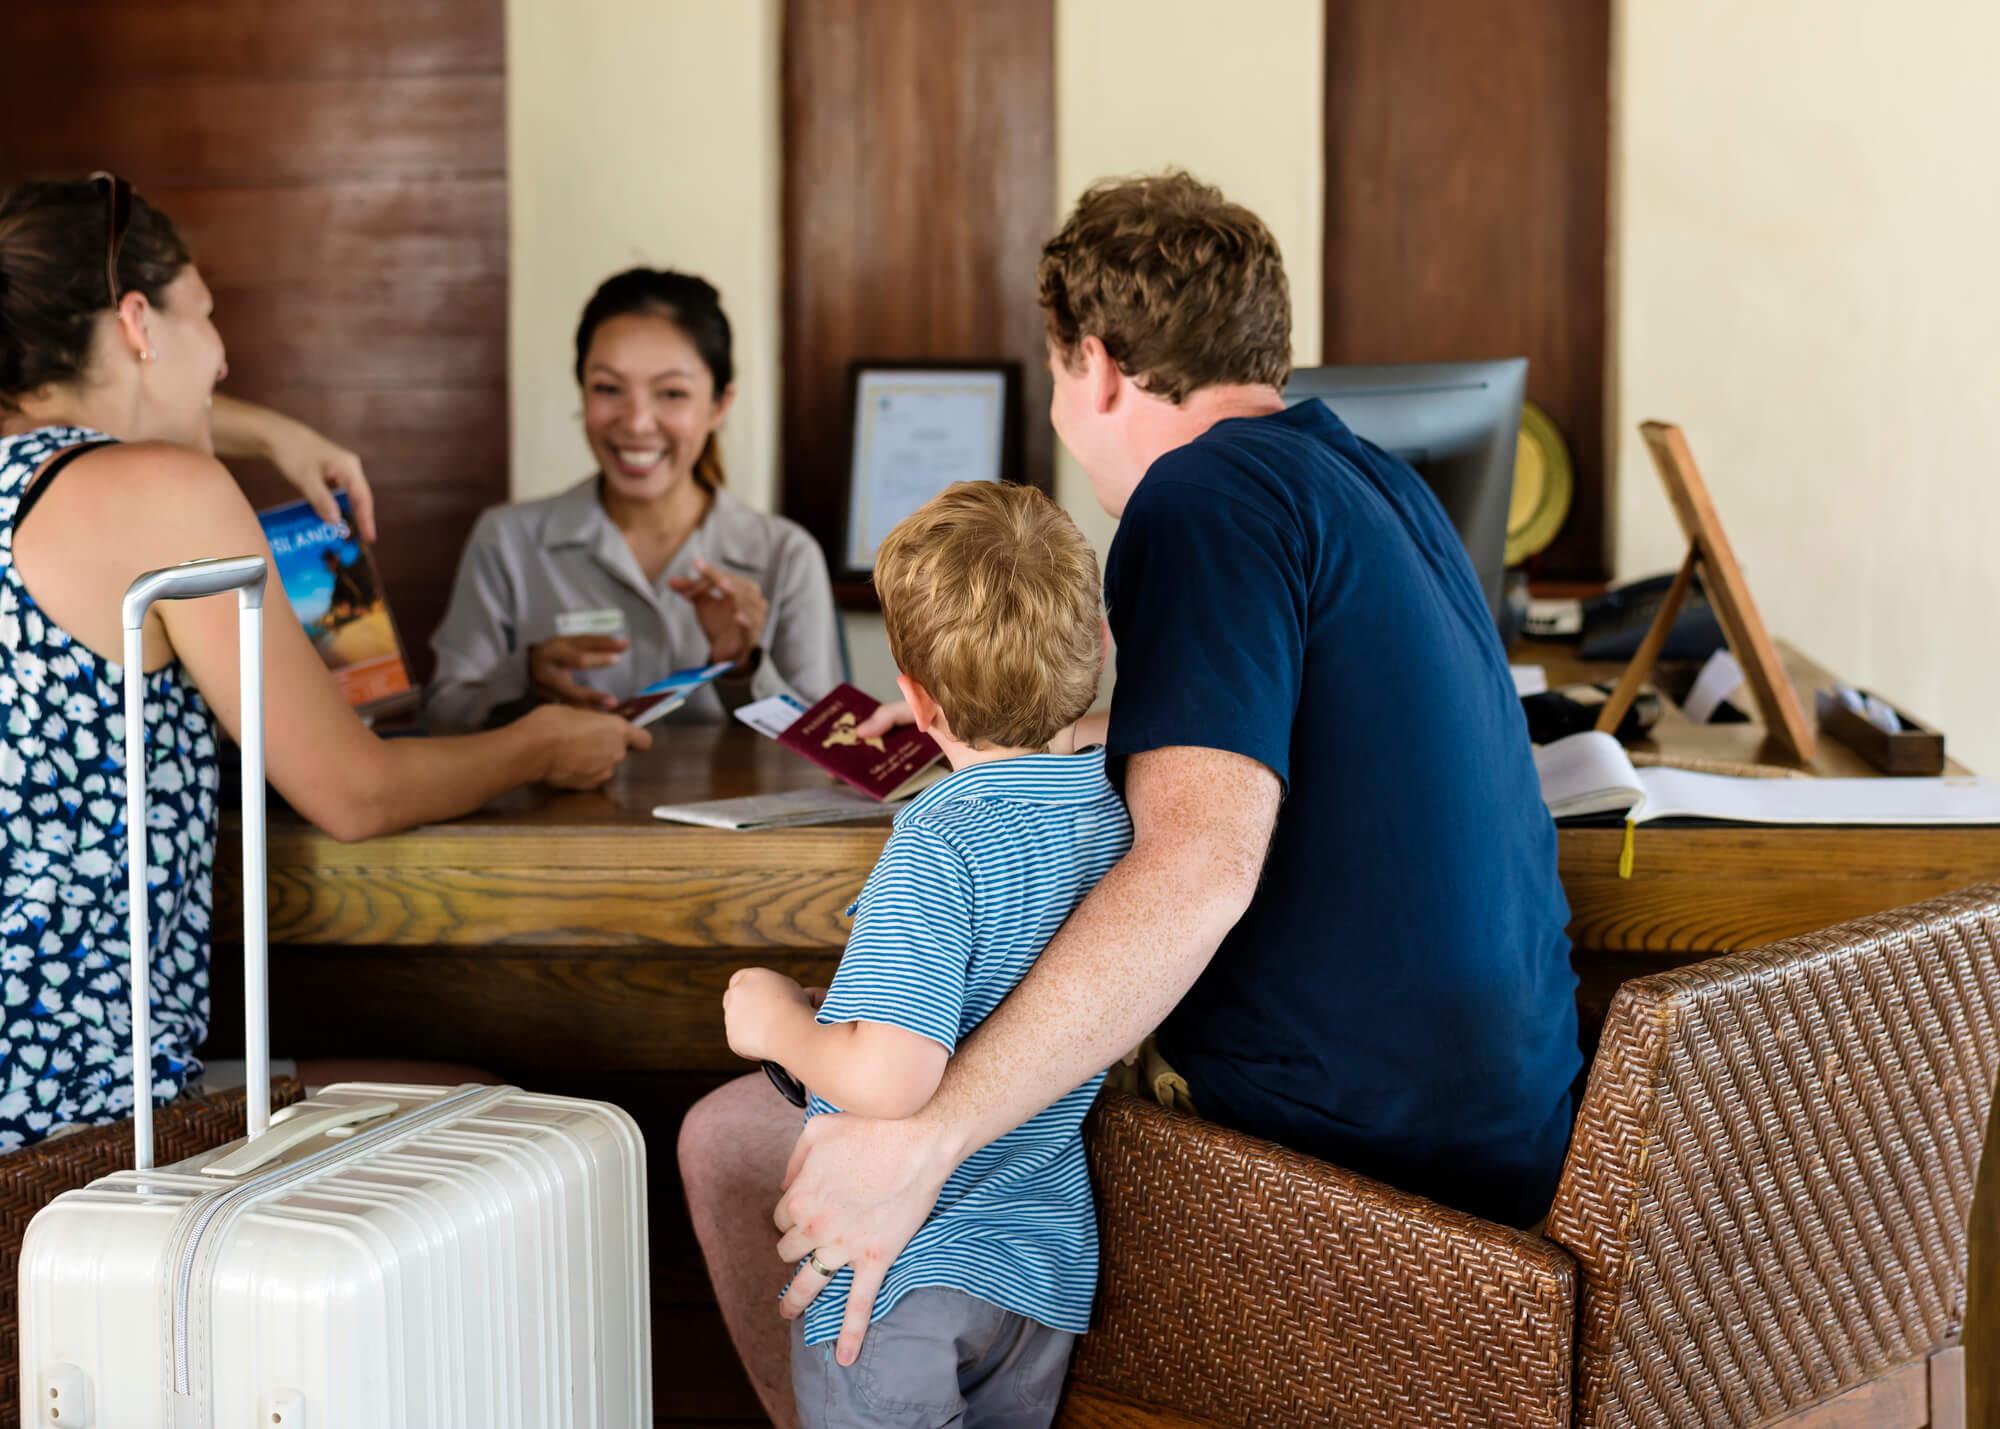 Entenda como escolher um bom hotel para viagens em família